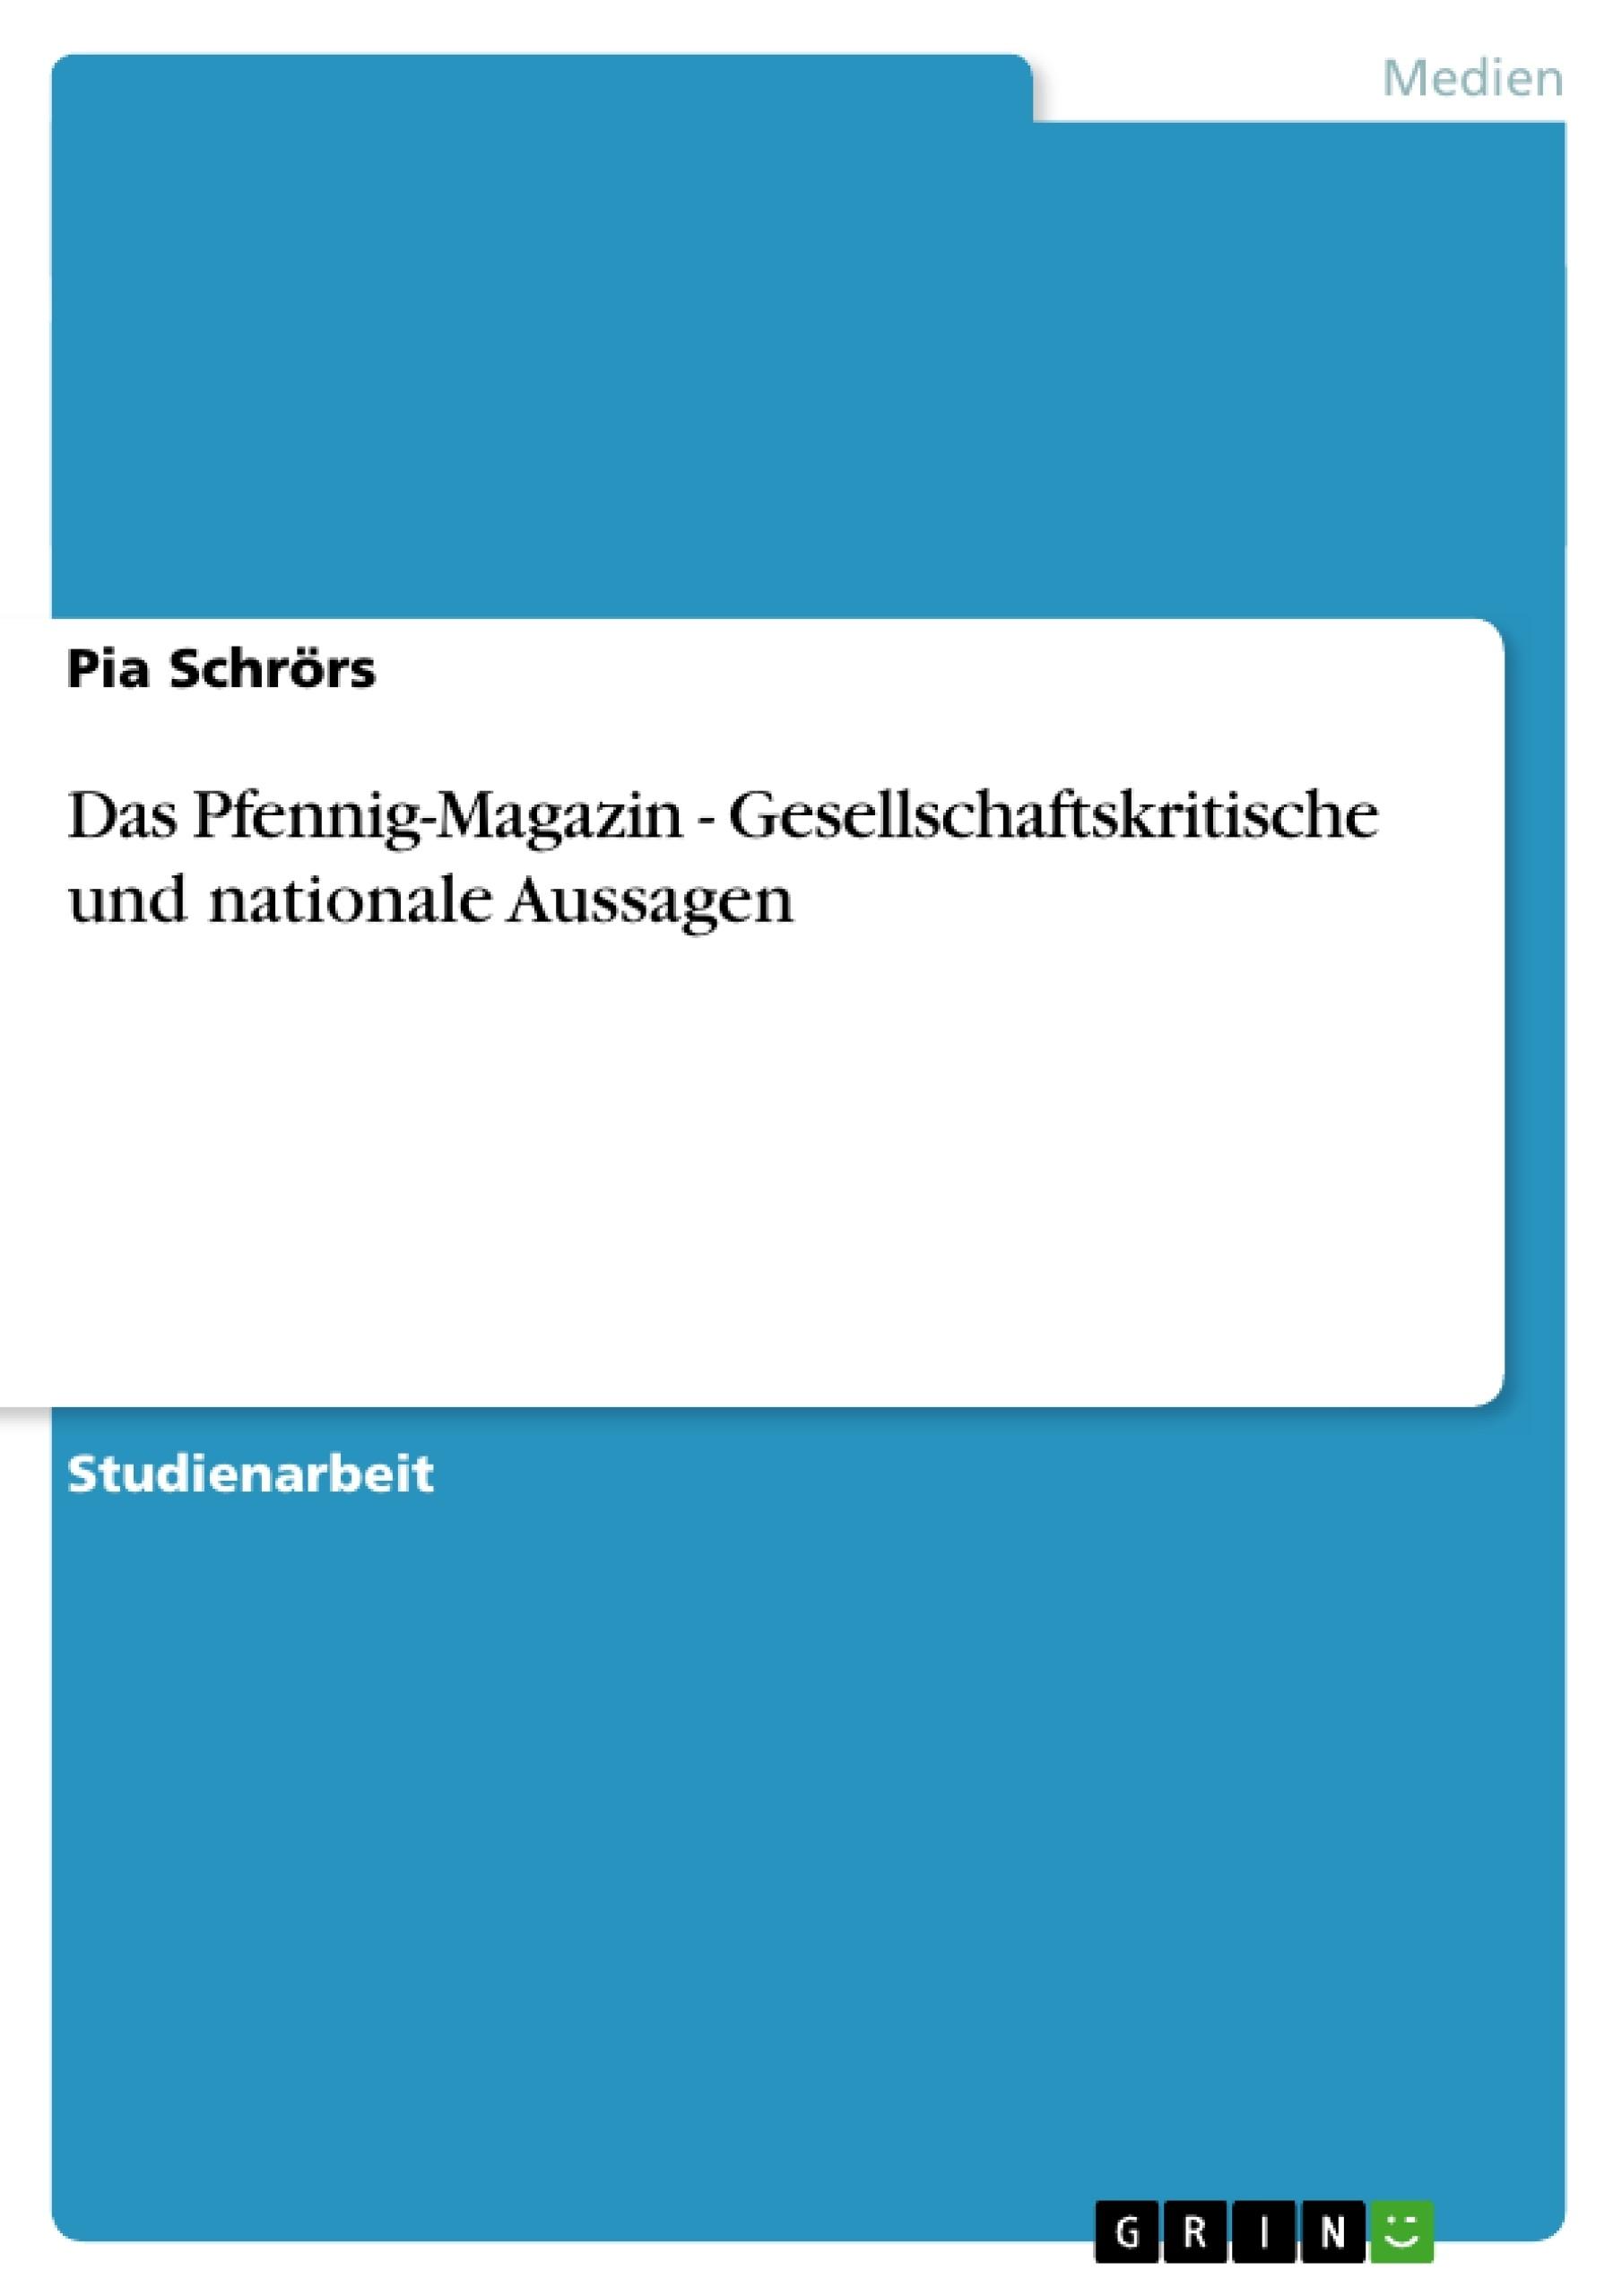 Titel: Das Pfennig-Magazin - Gesellschaftskritische und nationale Aussagen